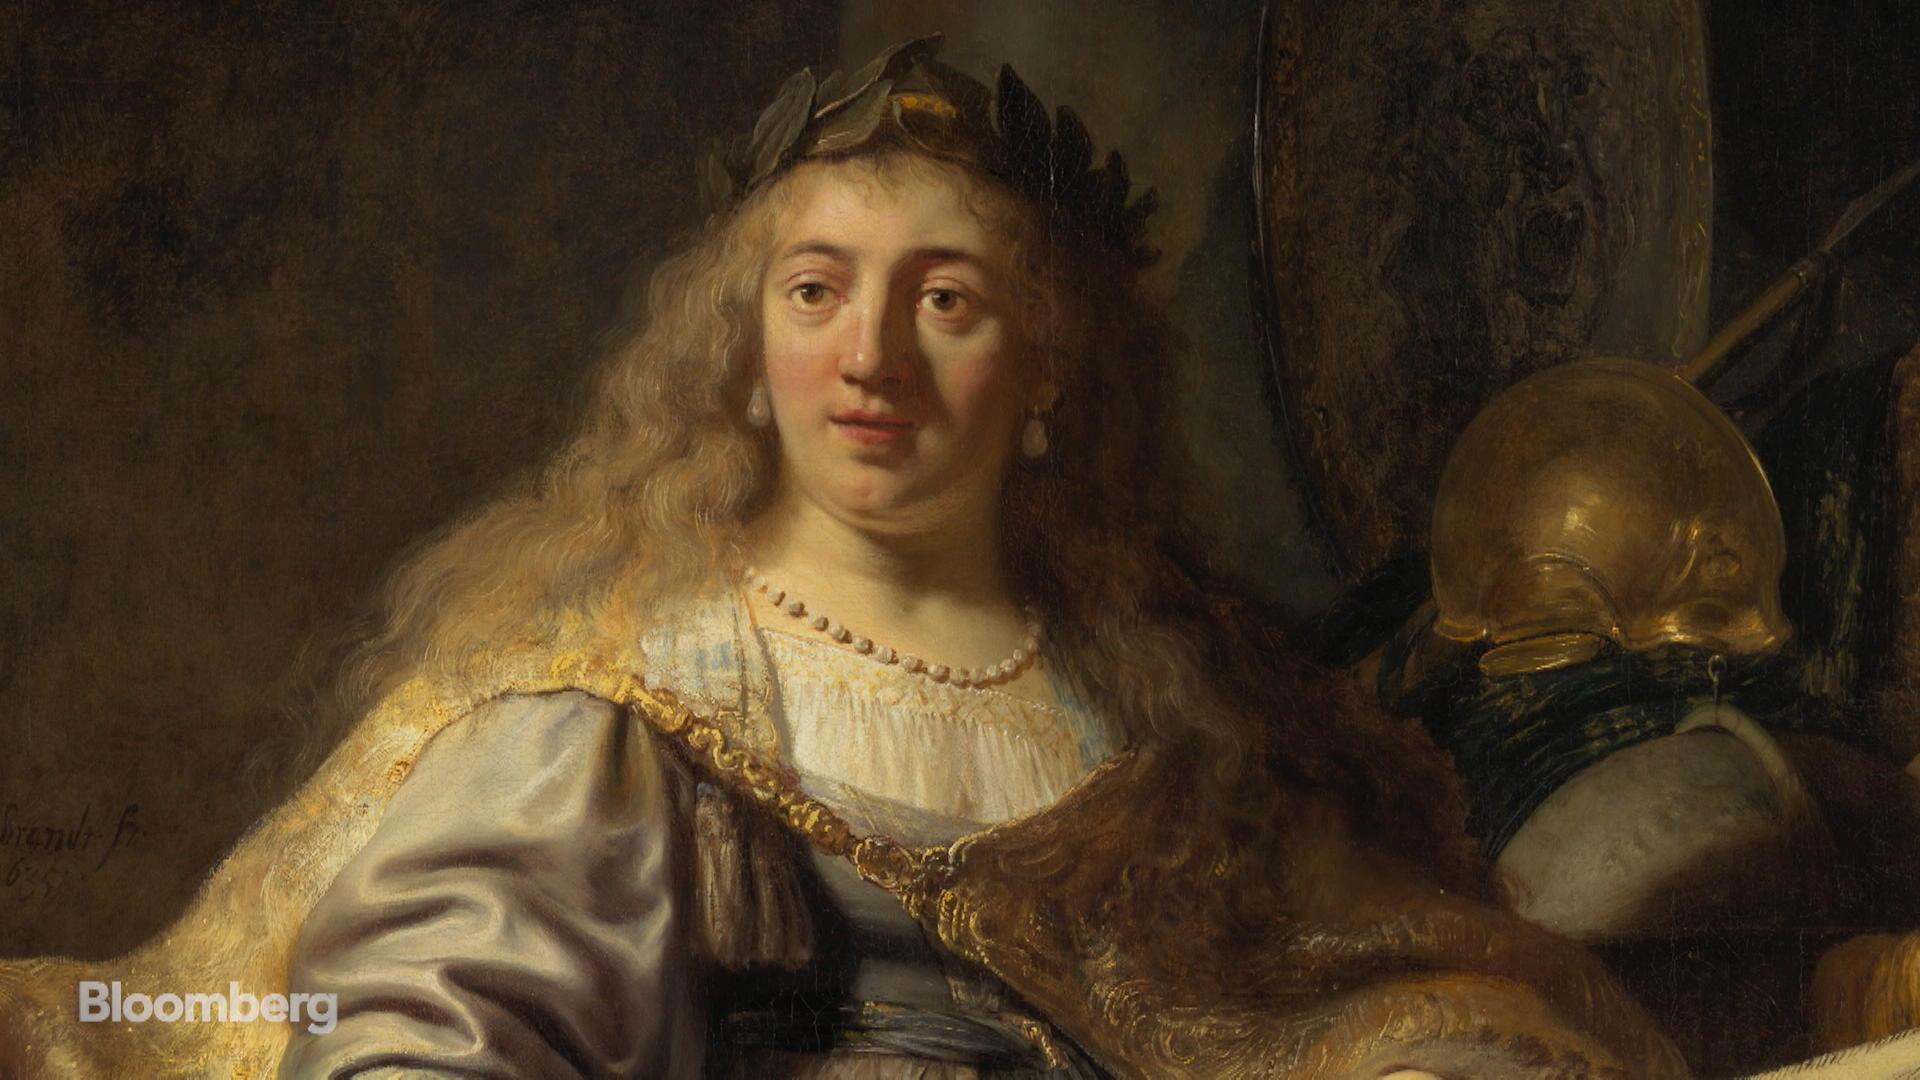 Rembrandt 'Spoke to Me,' Says Investor Thomas Kaplan